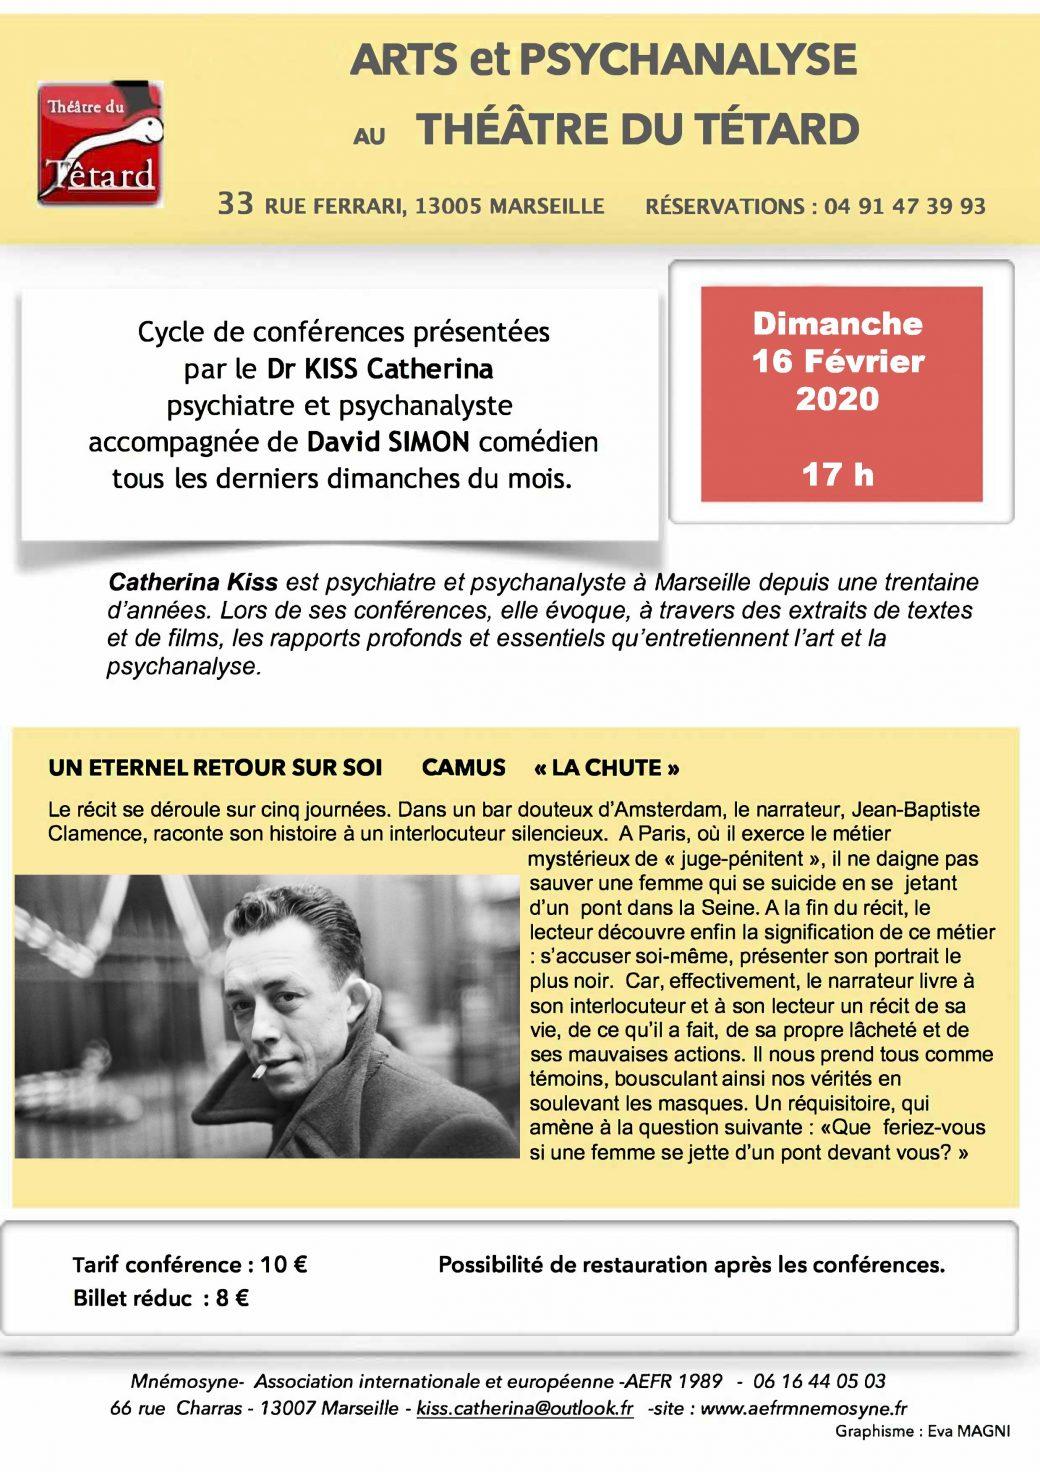 Un éternel retour sur soi - Camus « La Chute »